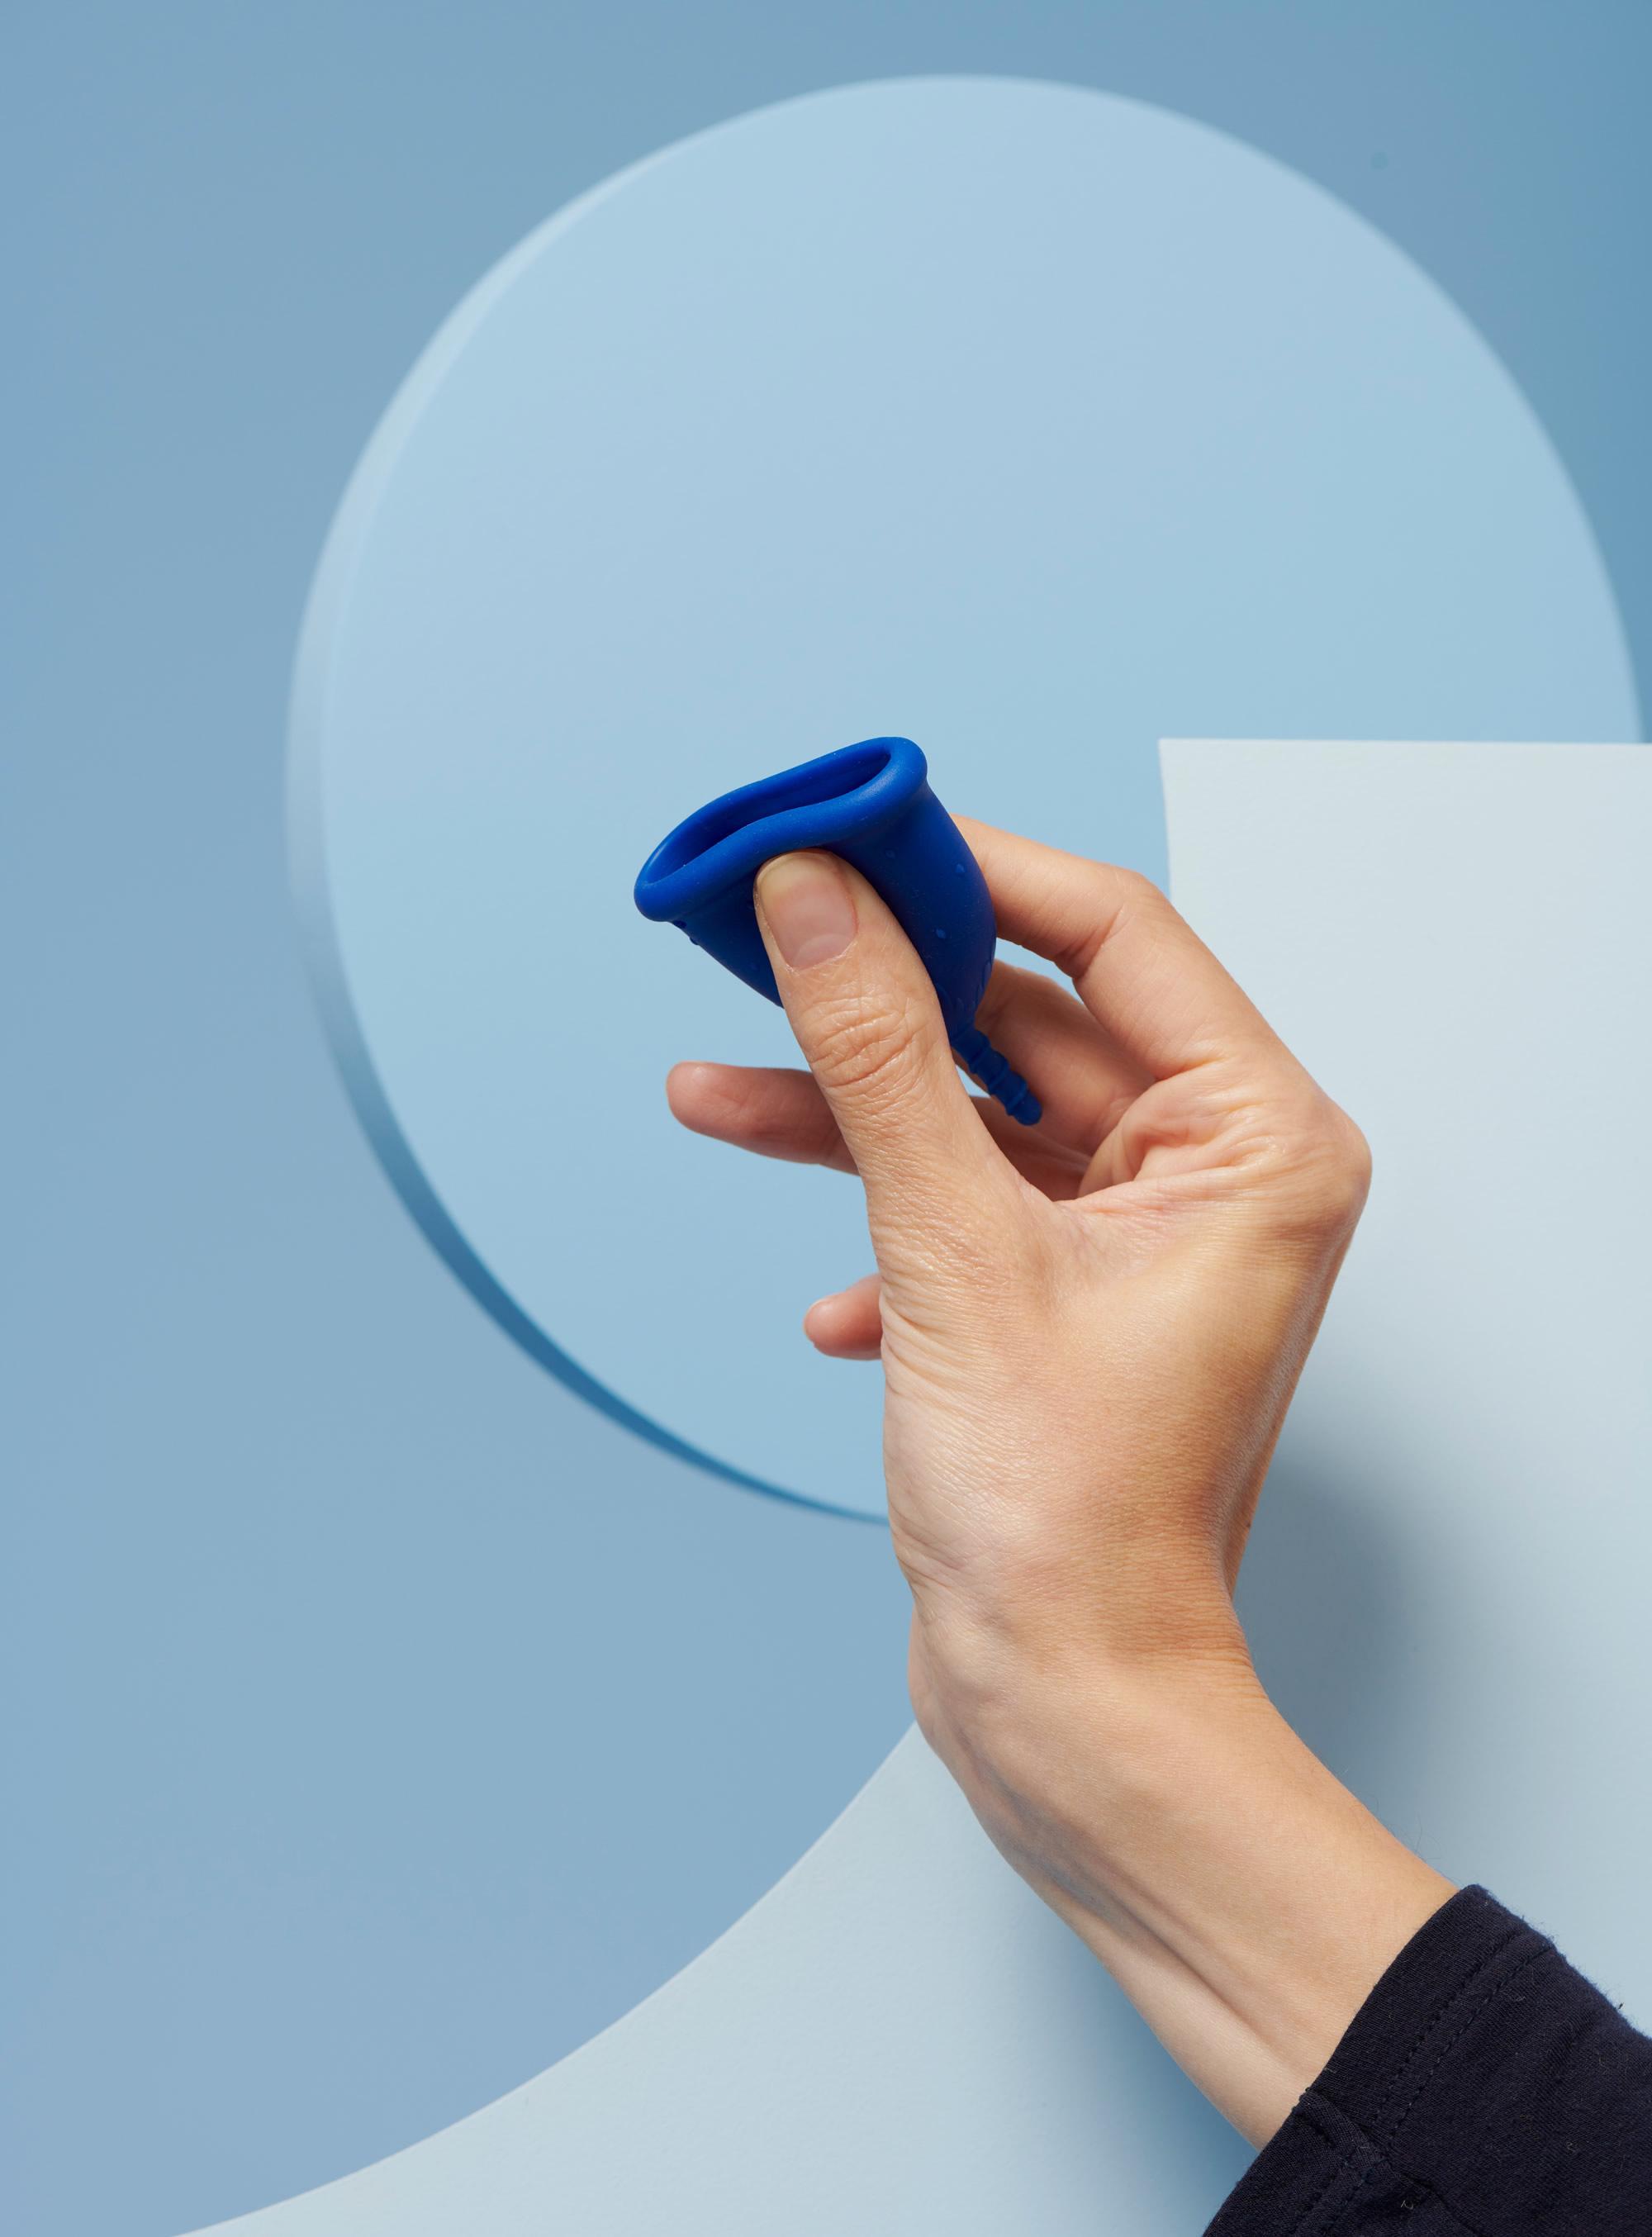 coupe menstruelle S bleu foncé pour flux léger à moyen - 4